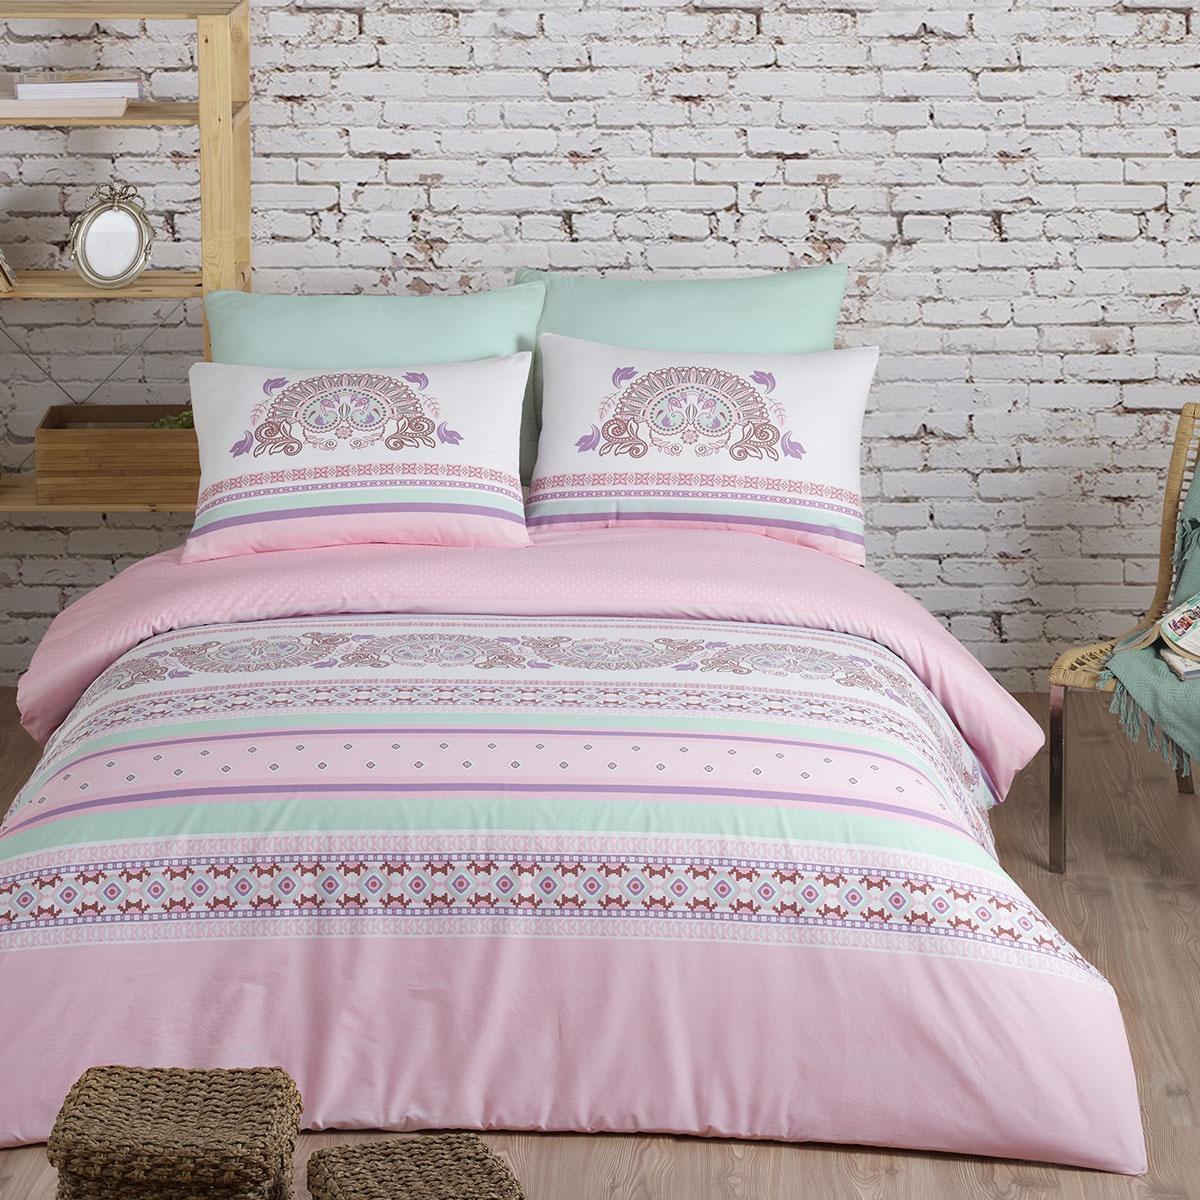 цена на Комплект постельного белья Arya home collection Electra, розовый